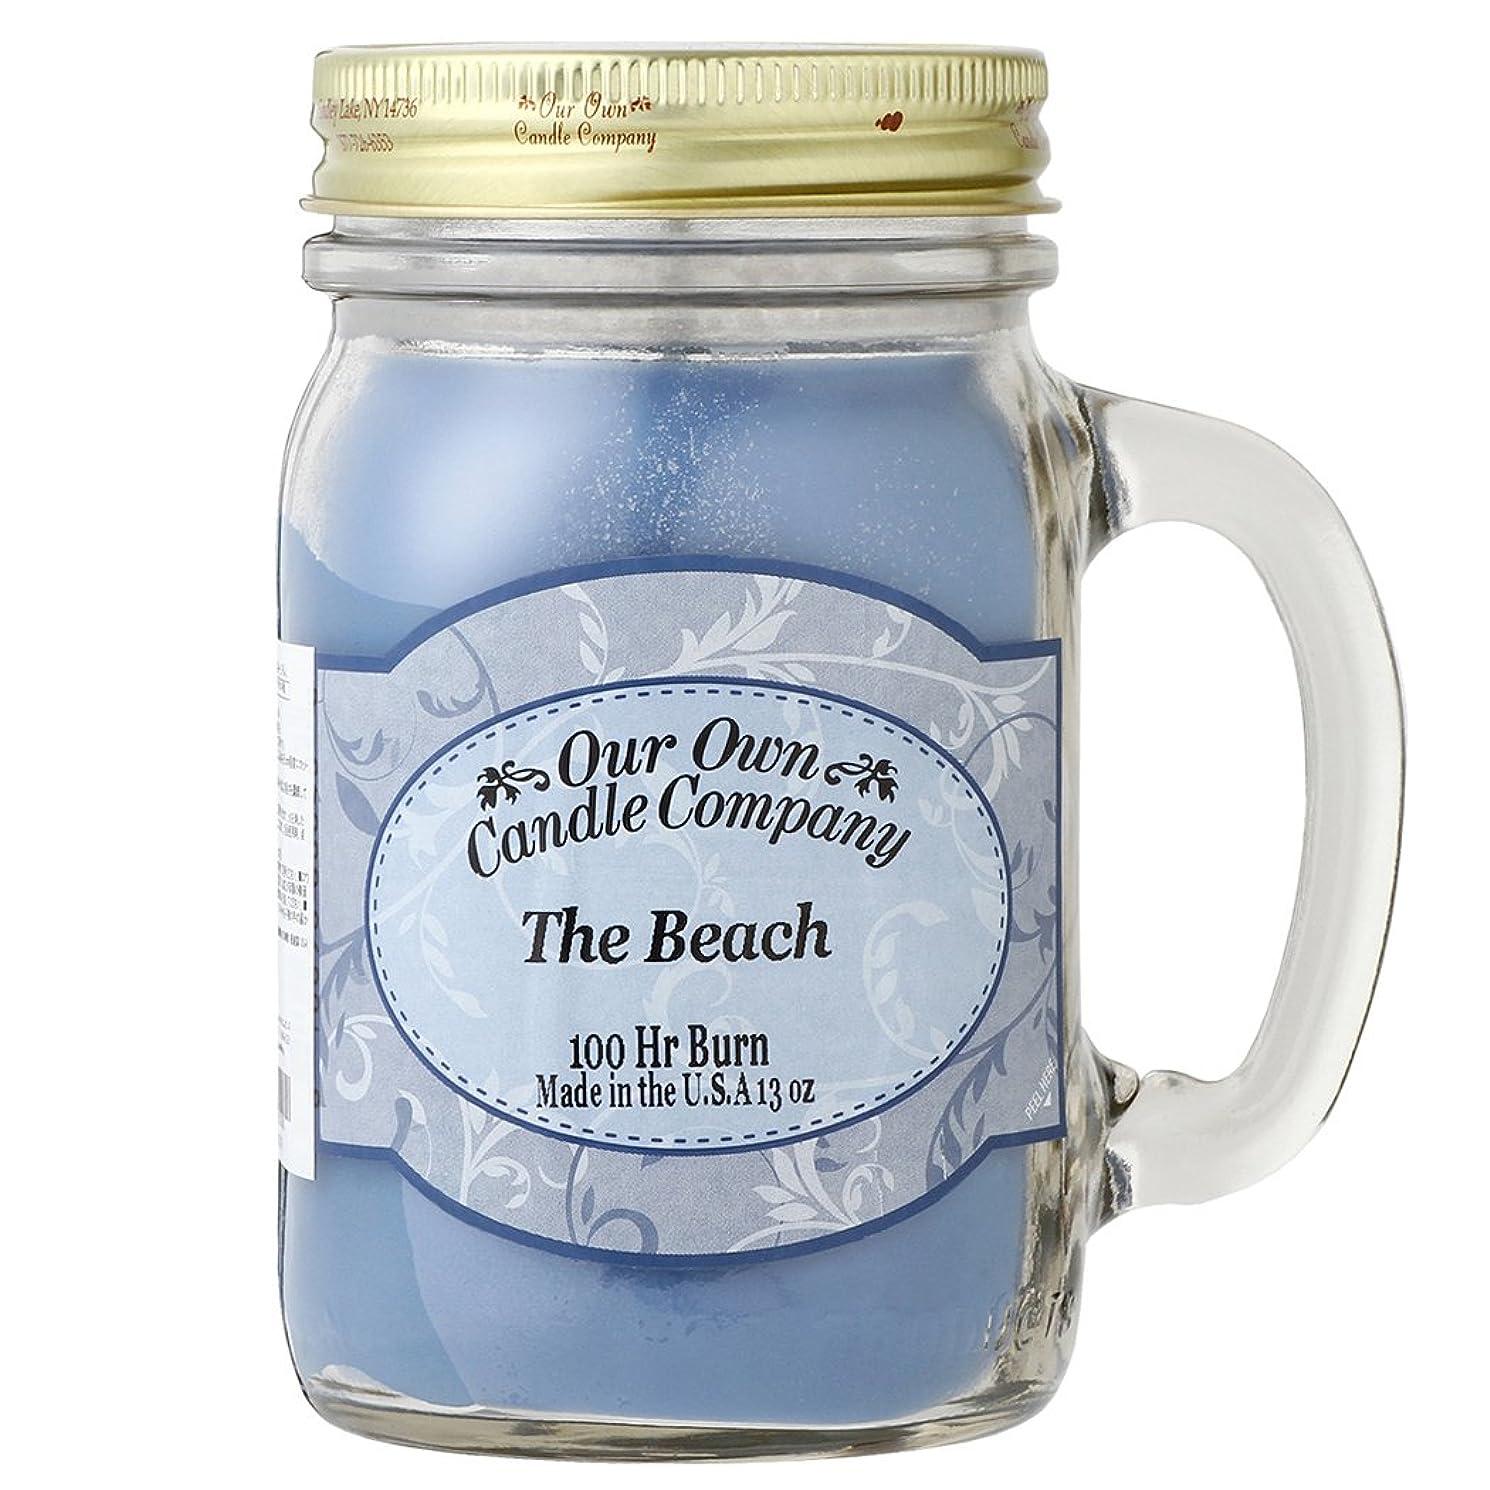 職業追放するステージOur Own Candle Company メイソンジャーキャンドル ラージサイズ ザ?ビーチ OU100119